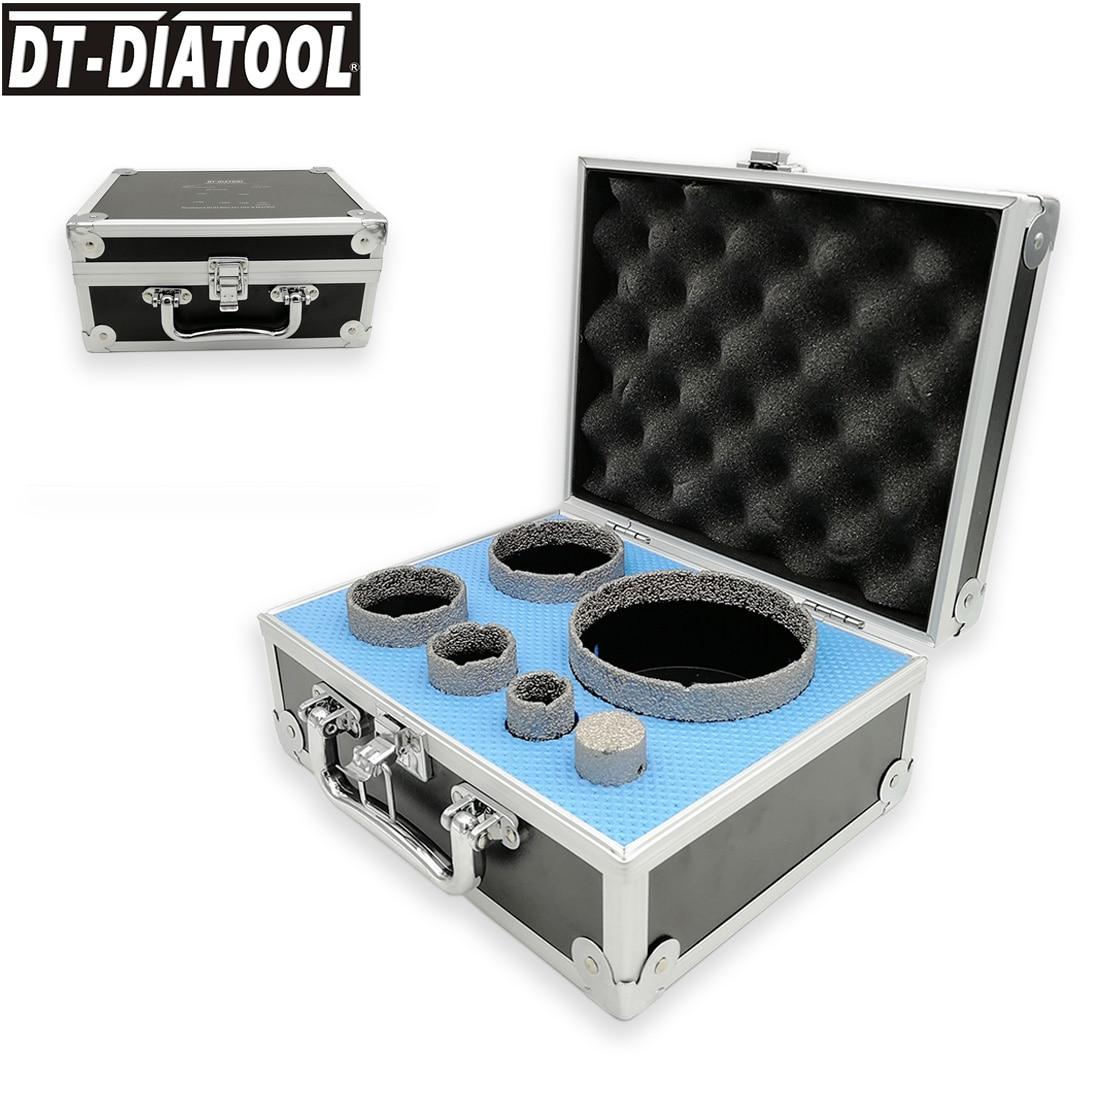 DT-DIATOOL 6 uds/kit juego de brocas de perforación de diamante soldadas al vacío 5/8-11 Sierra de agujeros de rosca de tamaño mixto más 25mm